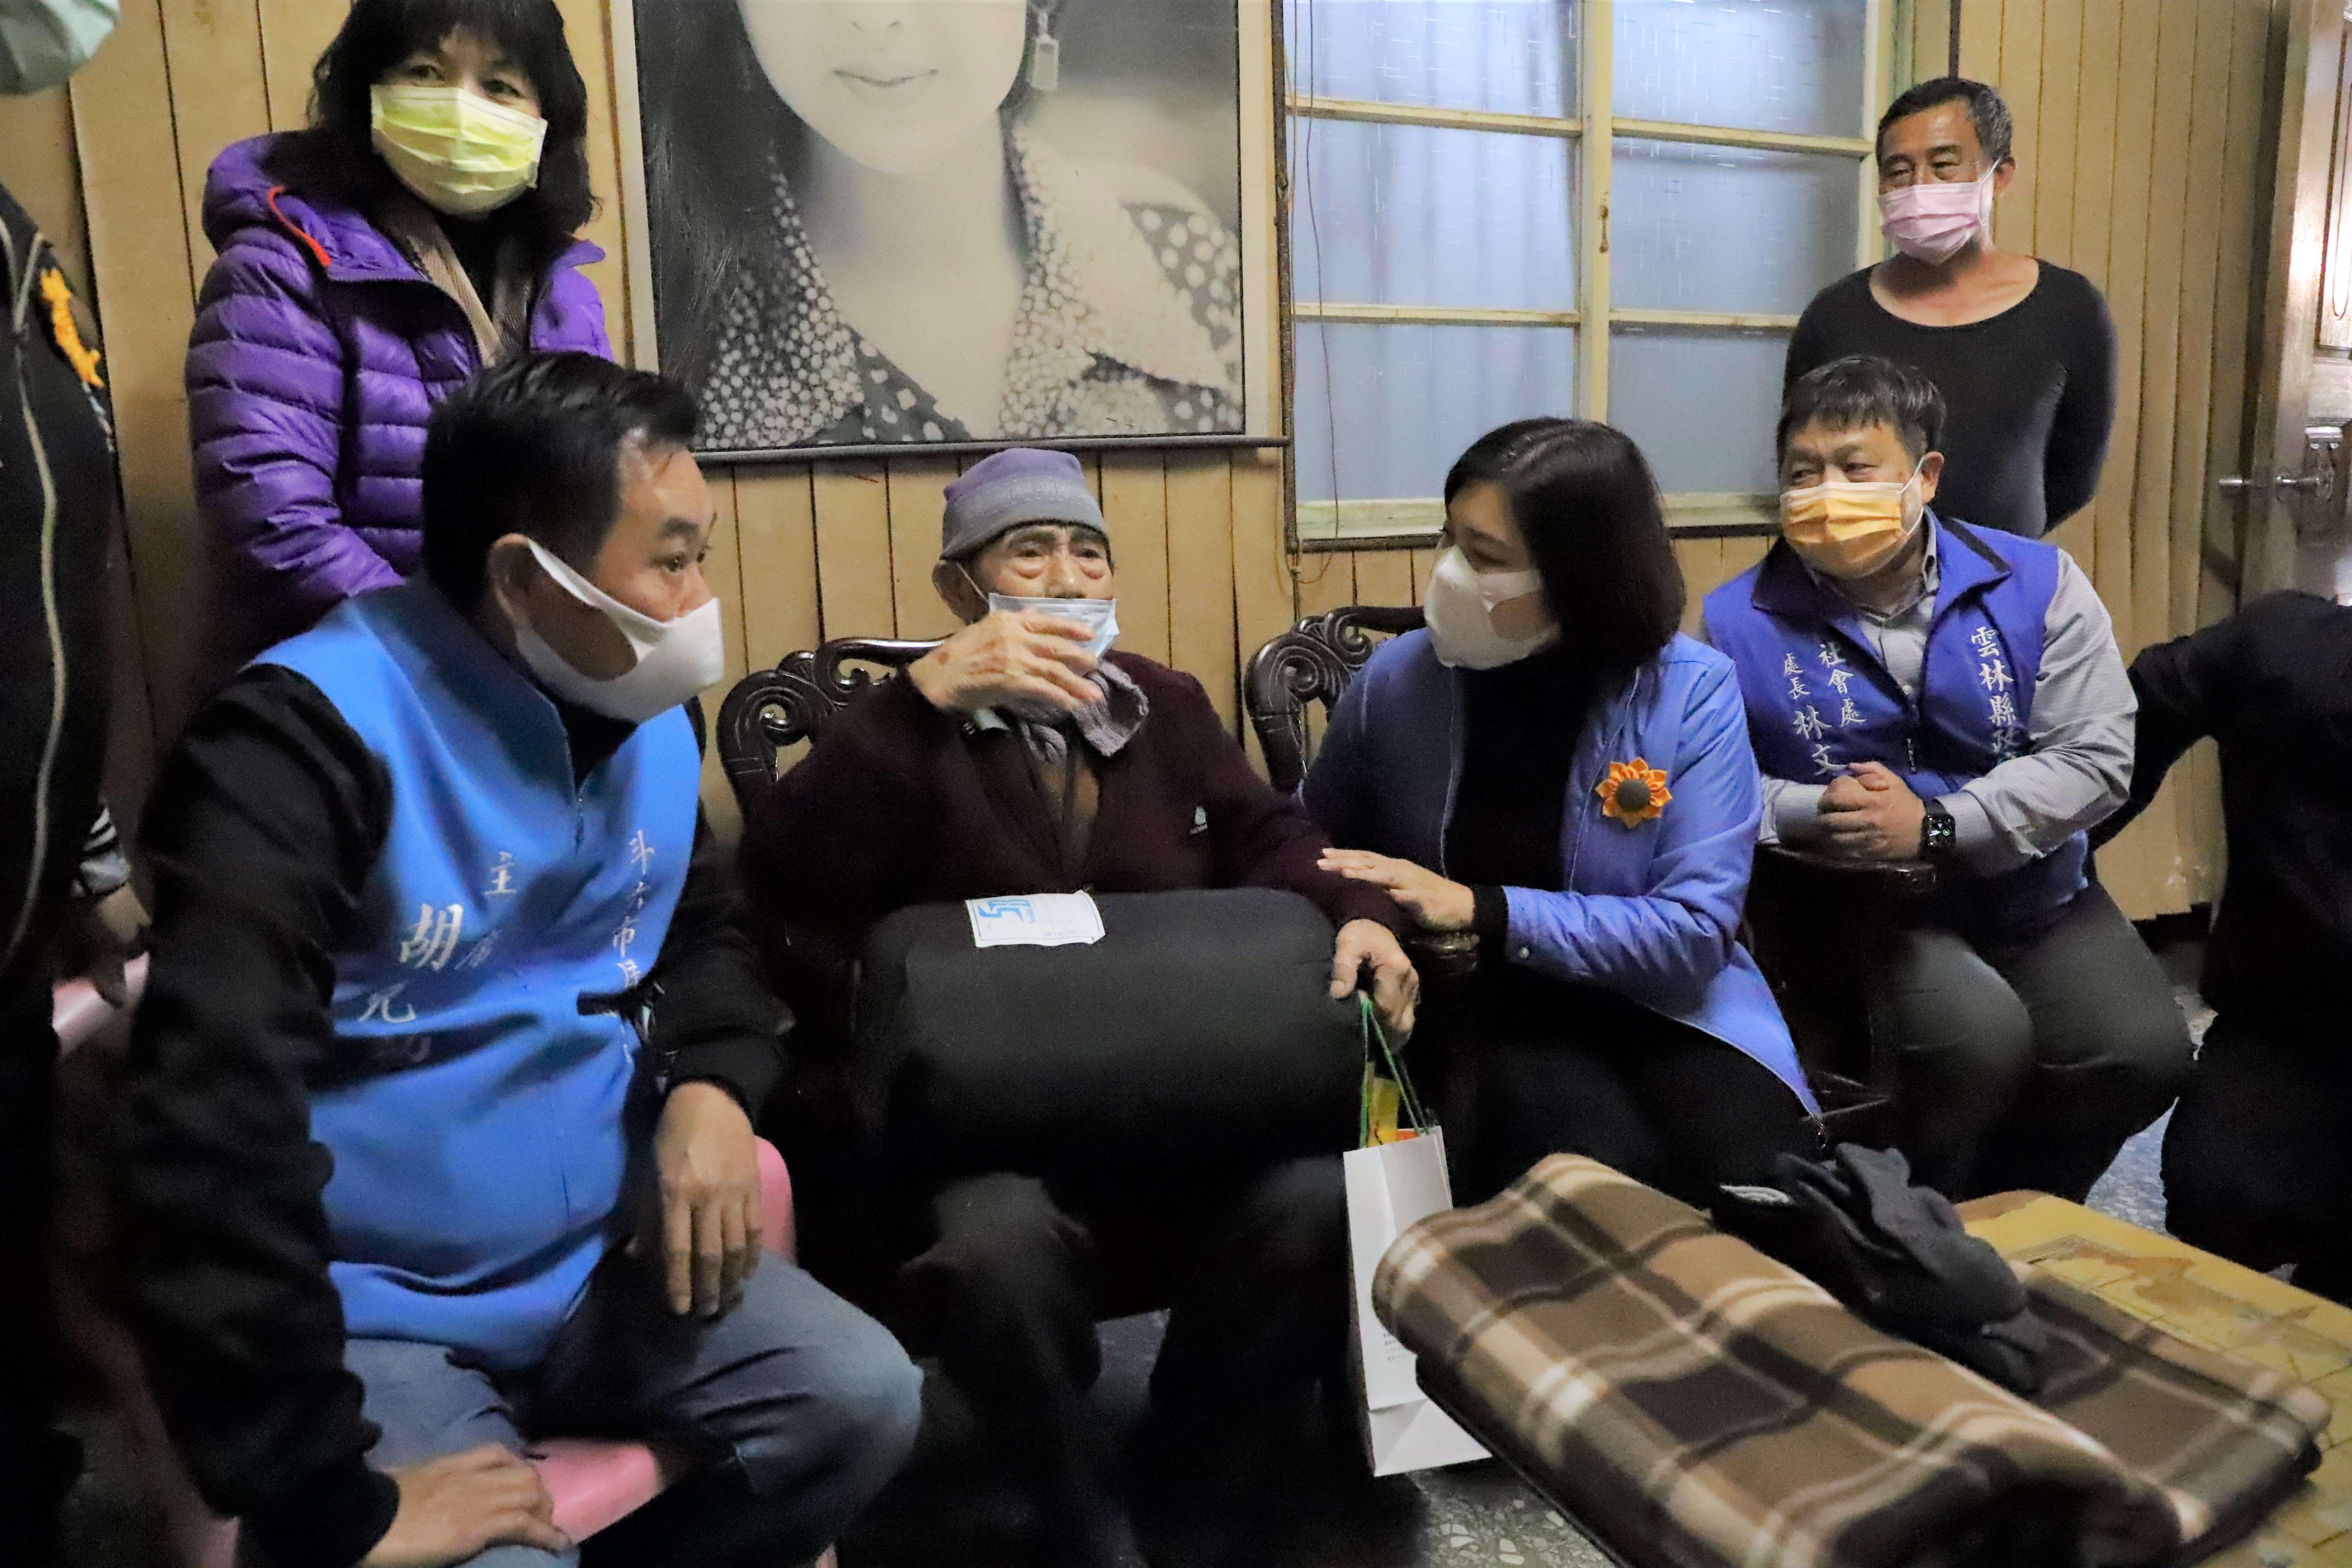 張縣長關懷獨居長輩,叮嚀長輩們要注意身體,做好保暖工作。